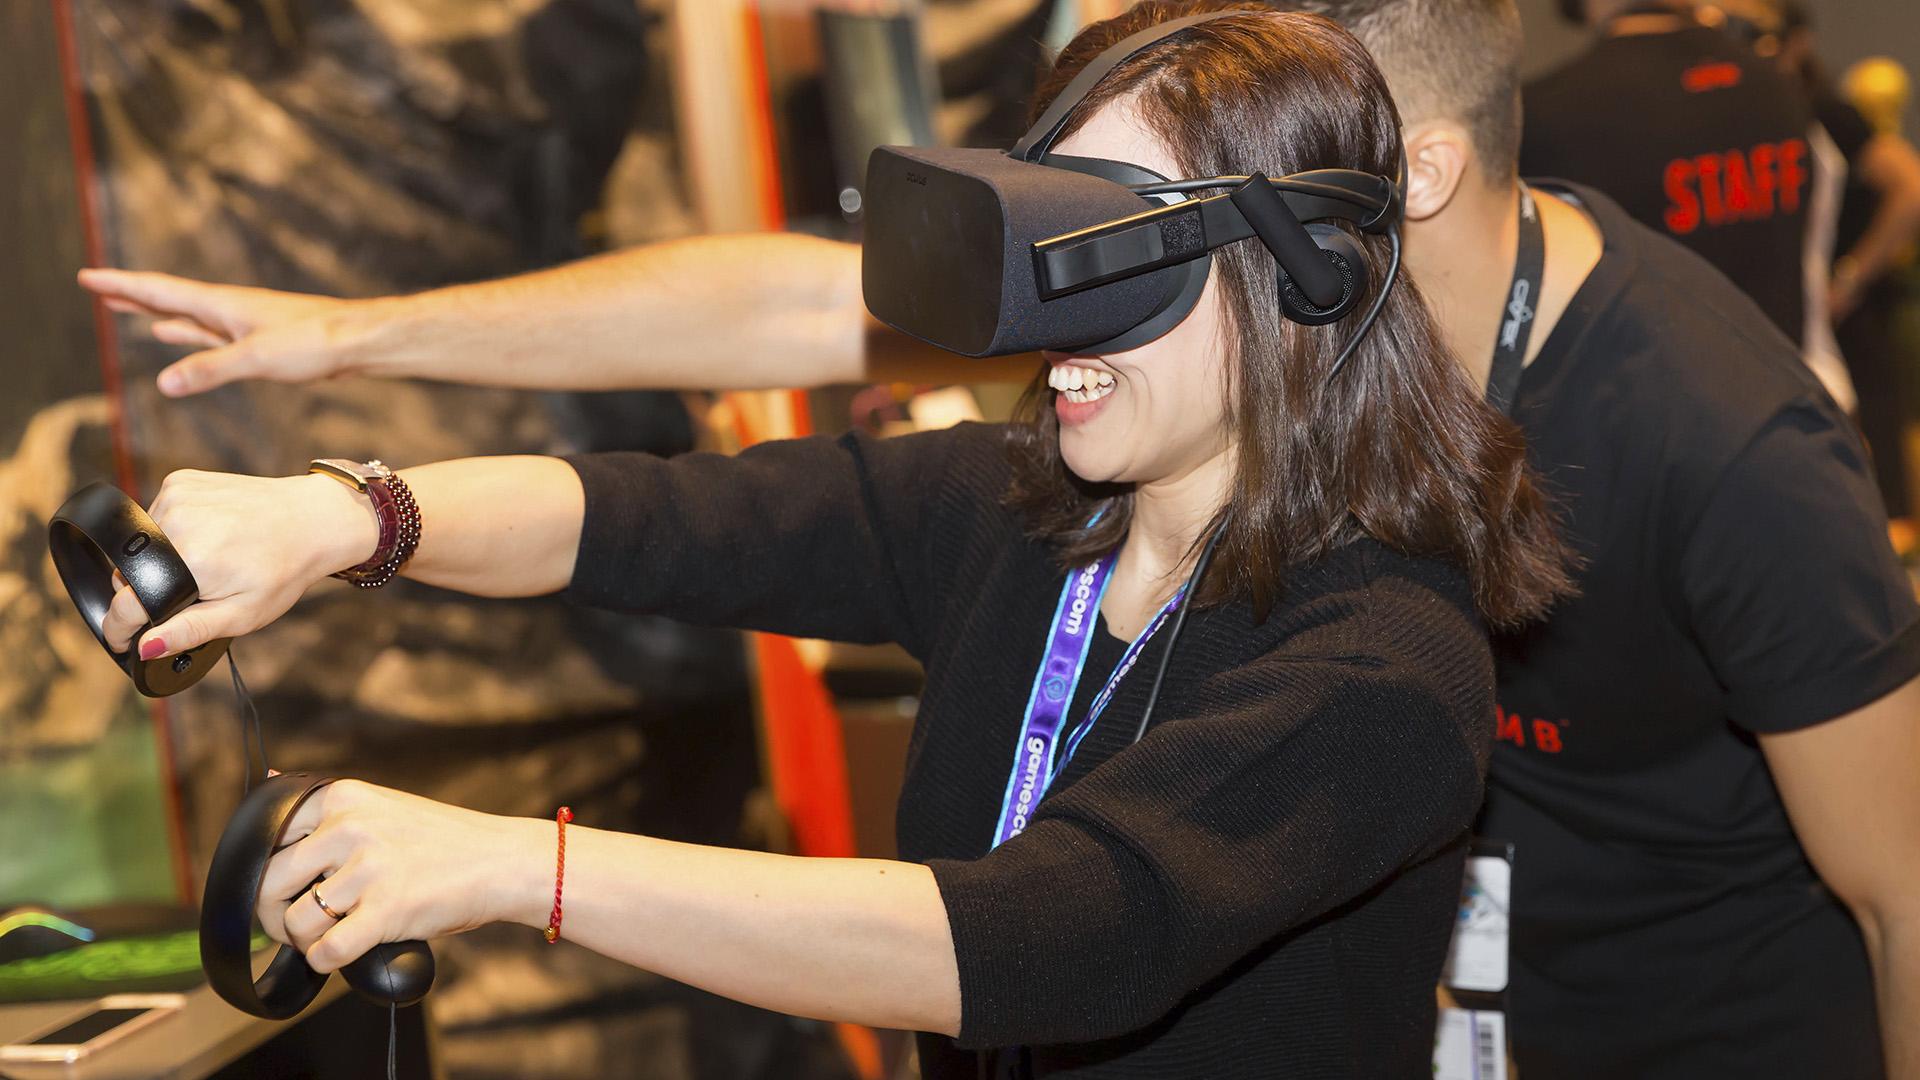 ENTRETENIMIENTO VIRTUAL VR | Gamificación con Realidad Virtual